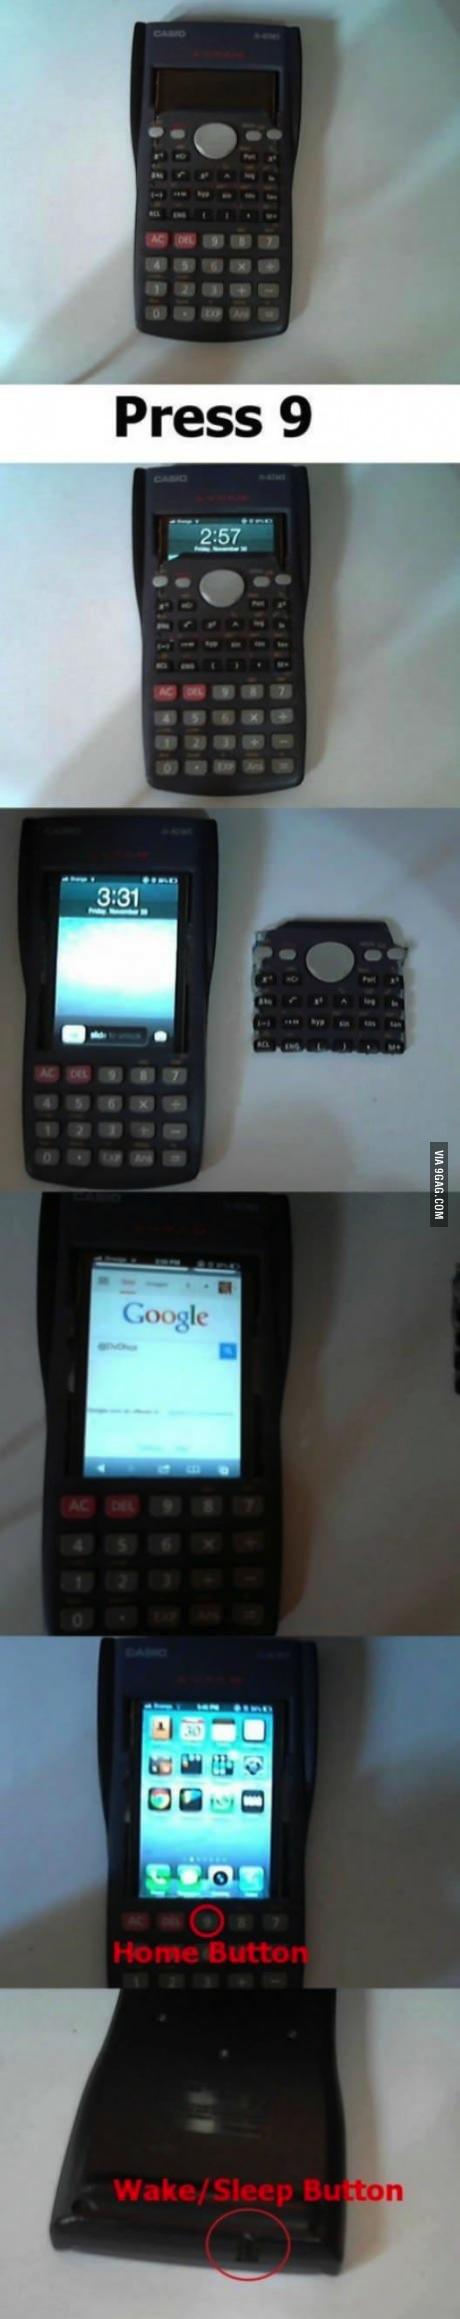 iphone, calculator, case, win, cheat